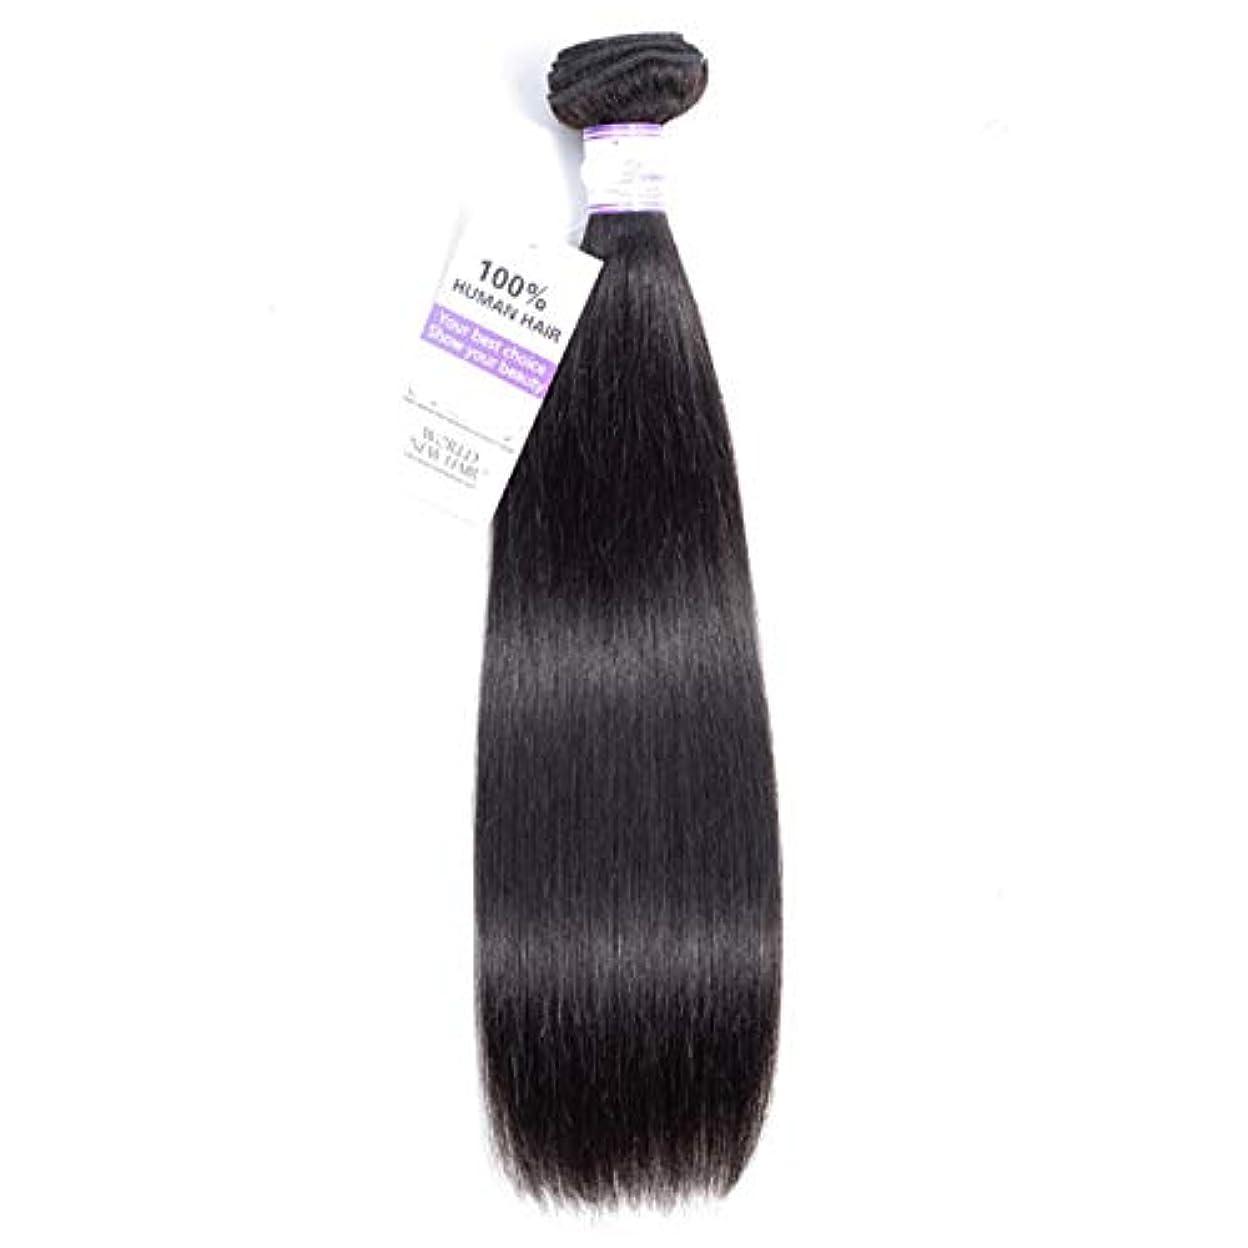 参加者交換可能観点マレーシアのストレートヘアバンドル8-30インチ100%人毛織りナチュラルカラー非レミーヘアエクステンション1個 (Stretched Length : 20inches)